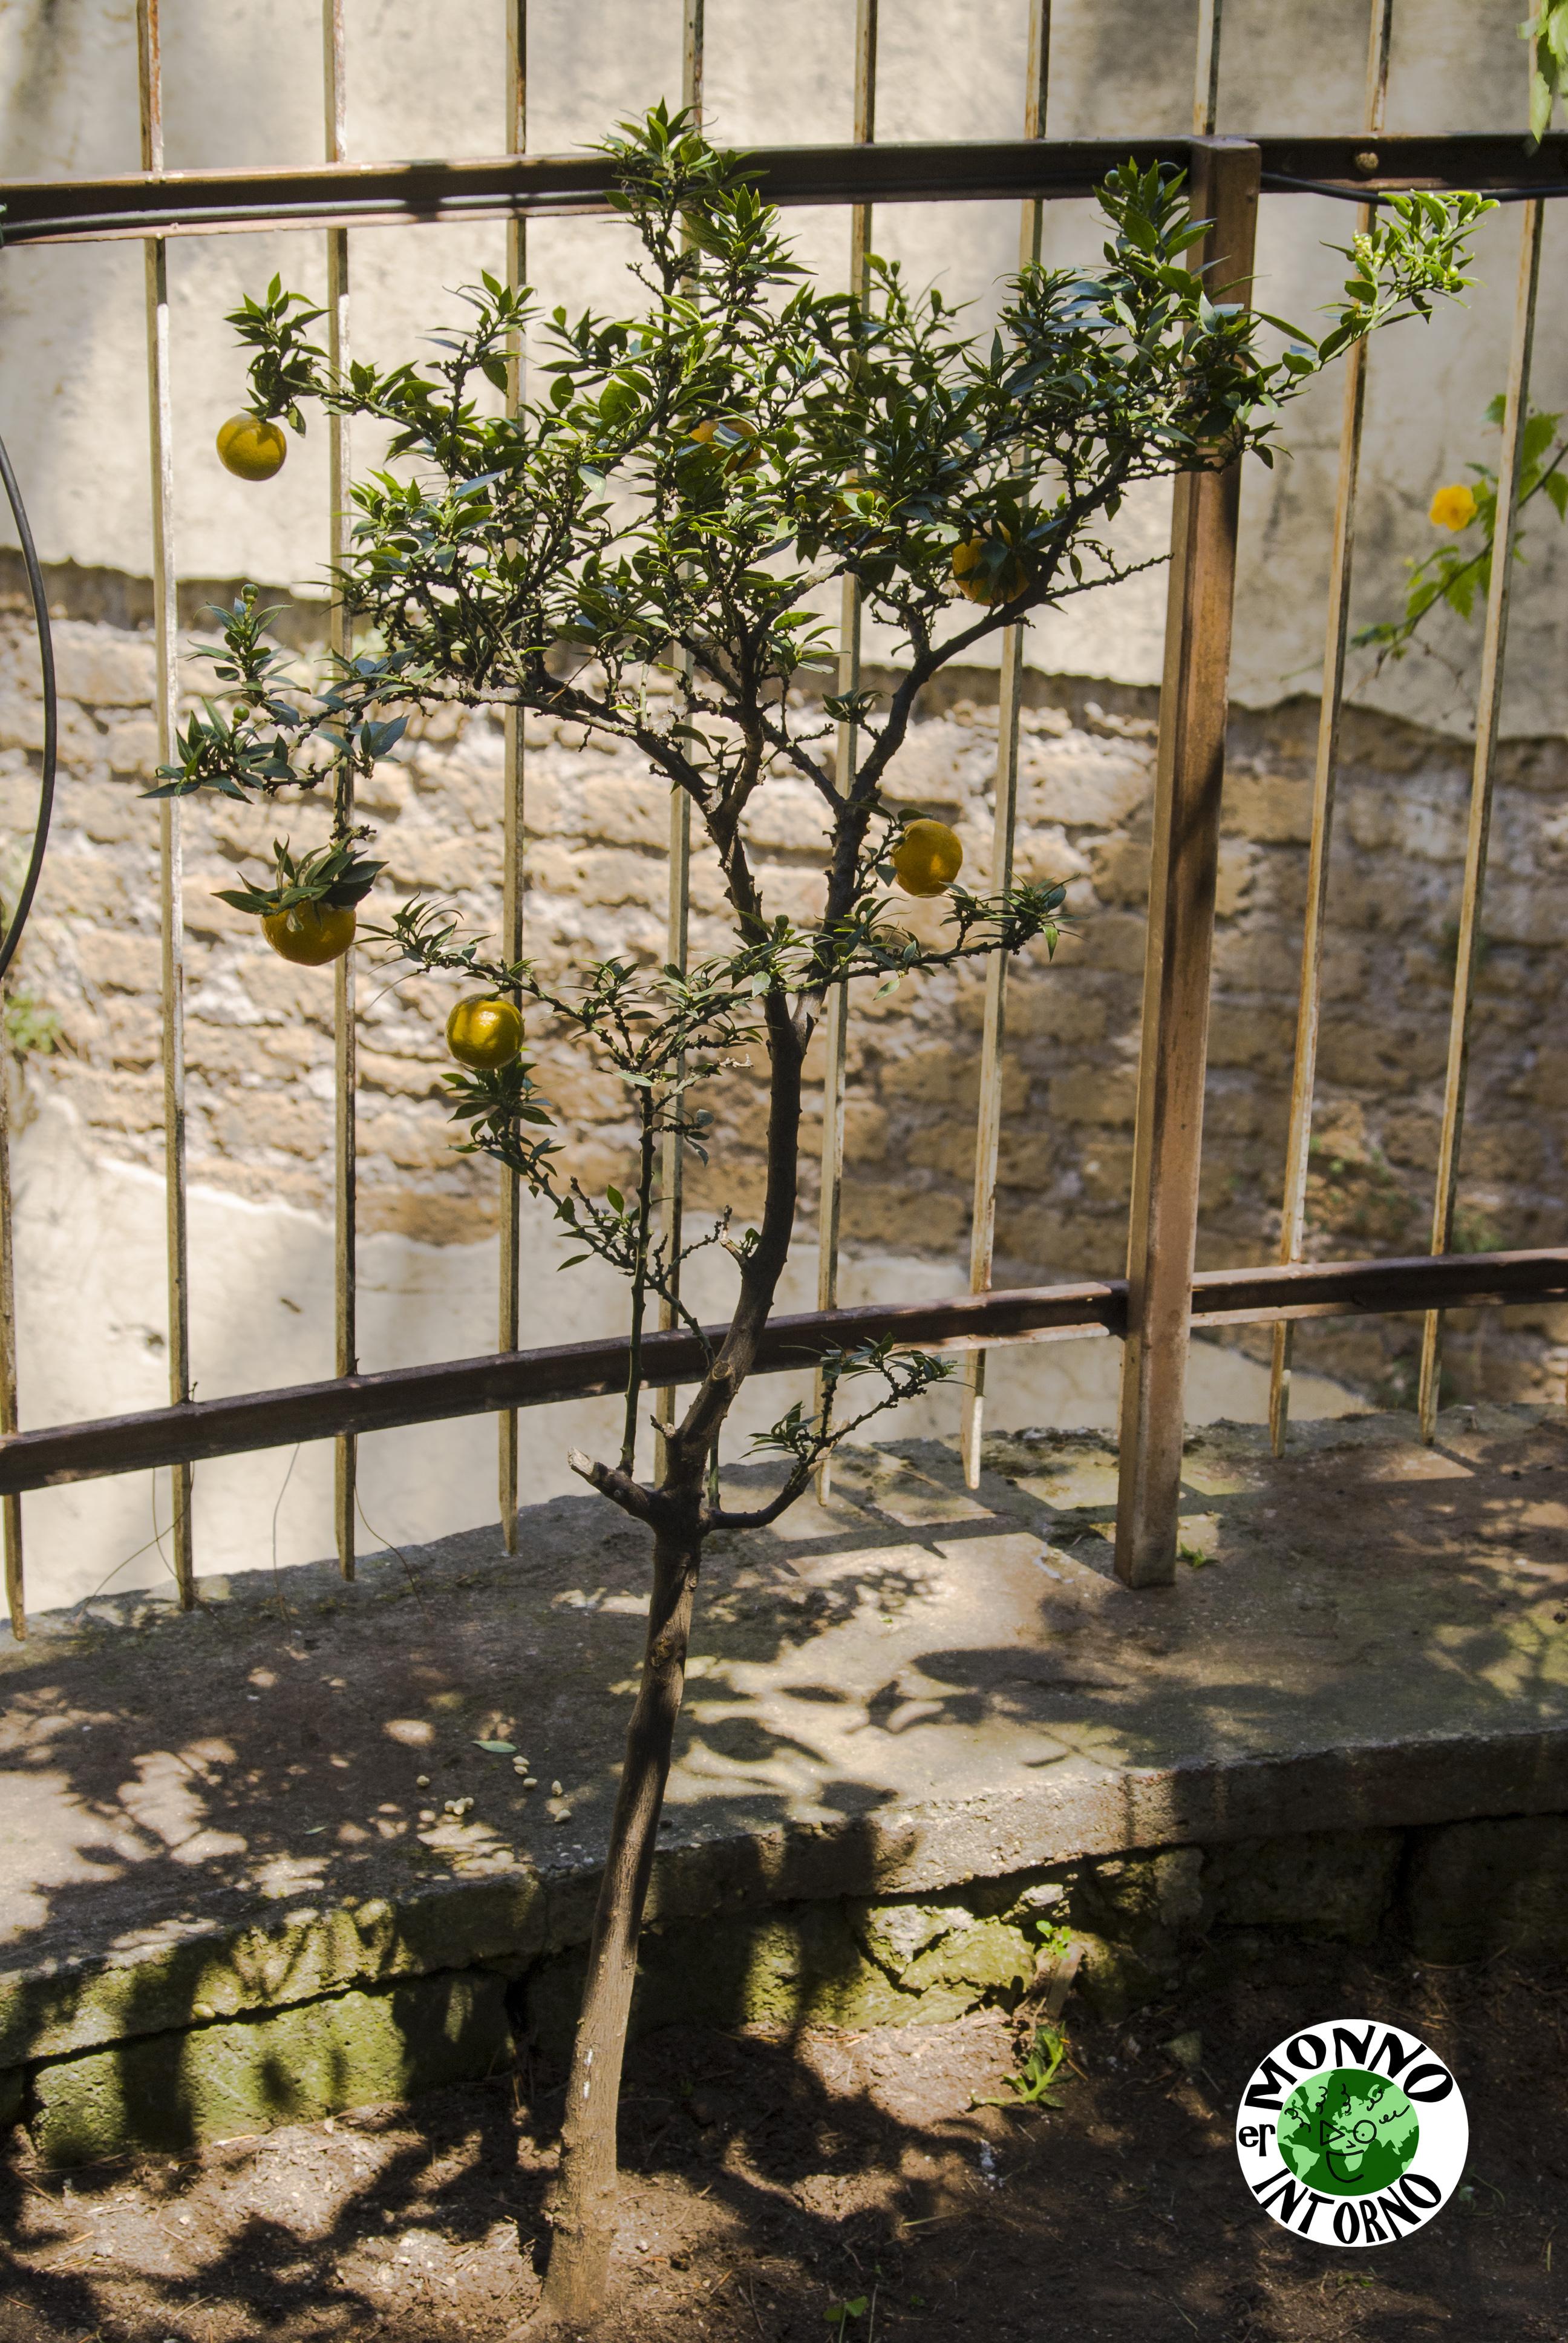 albero-del-Citrus-myrtifolia-il-chinotto-e-i-suoi-fratelli-Er-Monno-intorno